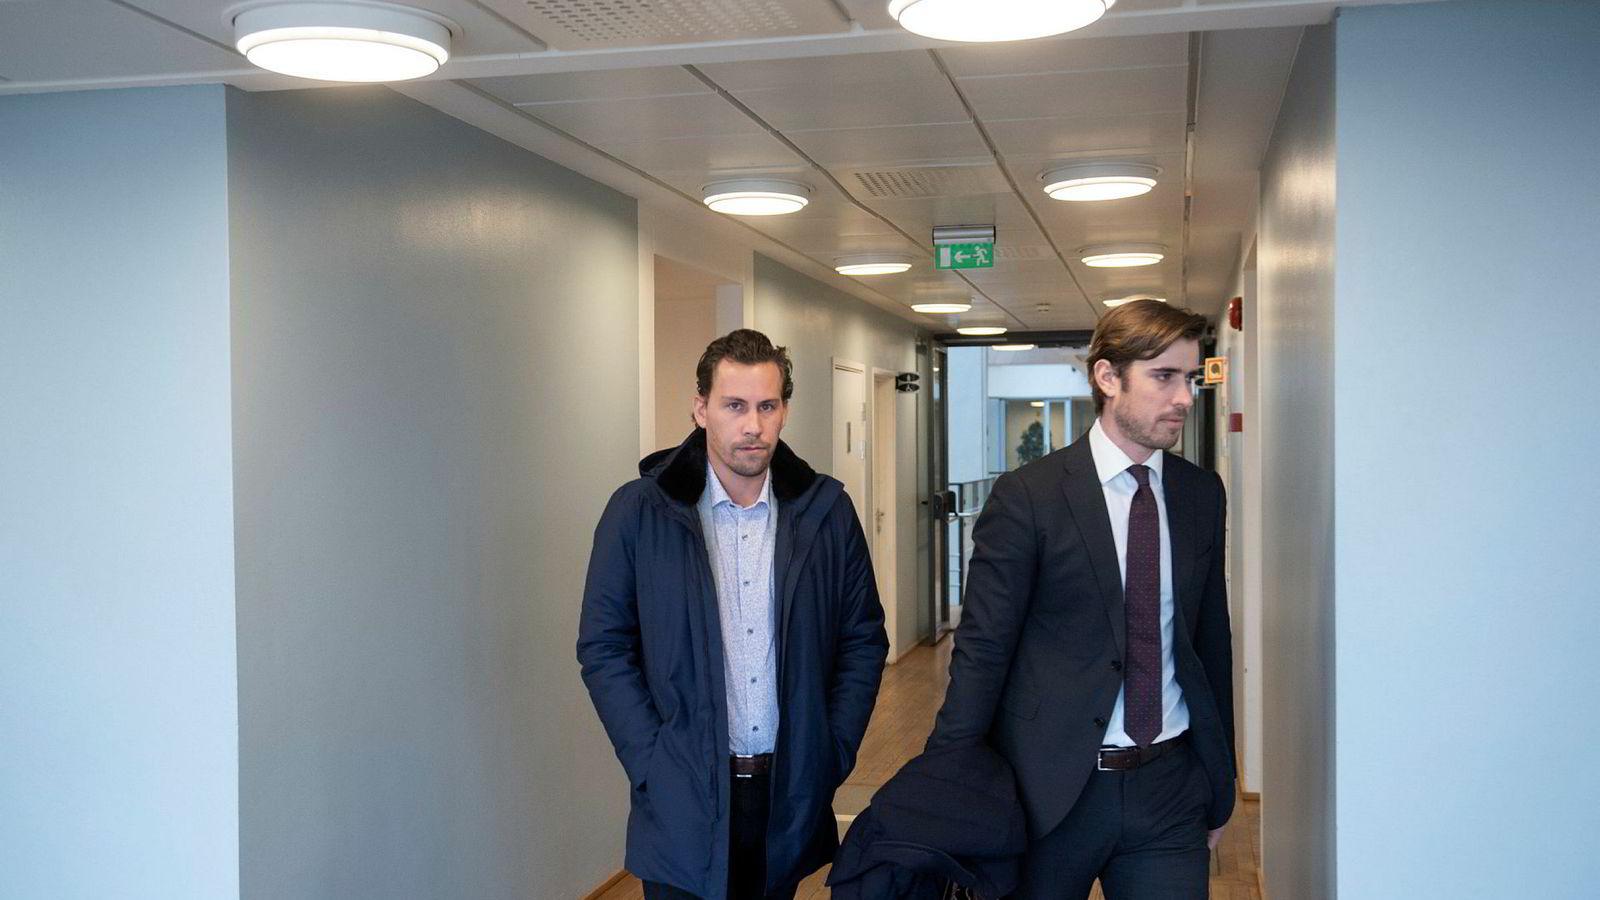 Rune Johannessen Ness (til venstre) sa han vil gjøre opp gjelden til Monobank da han møtte i retten i forbindelse med konkursbegjæring fra banken. Her sammen med sin advokat Alexander Greaker.